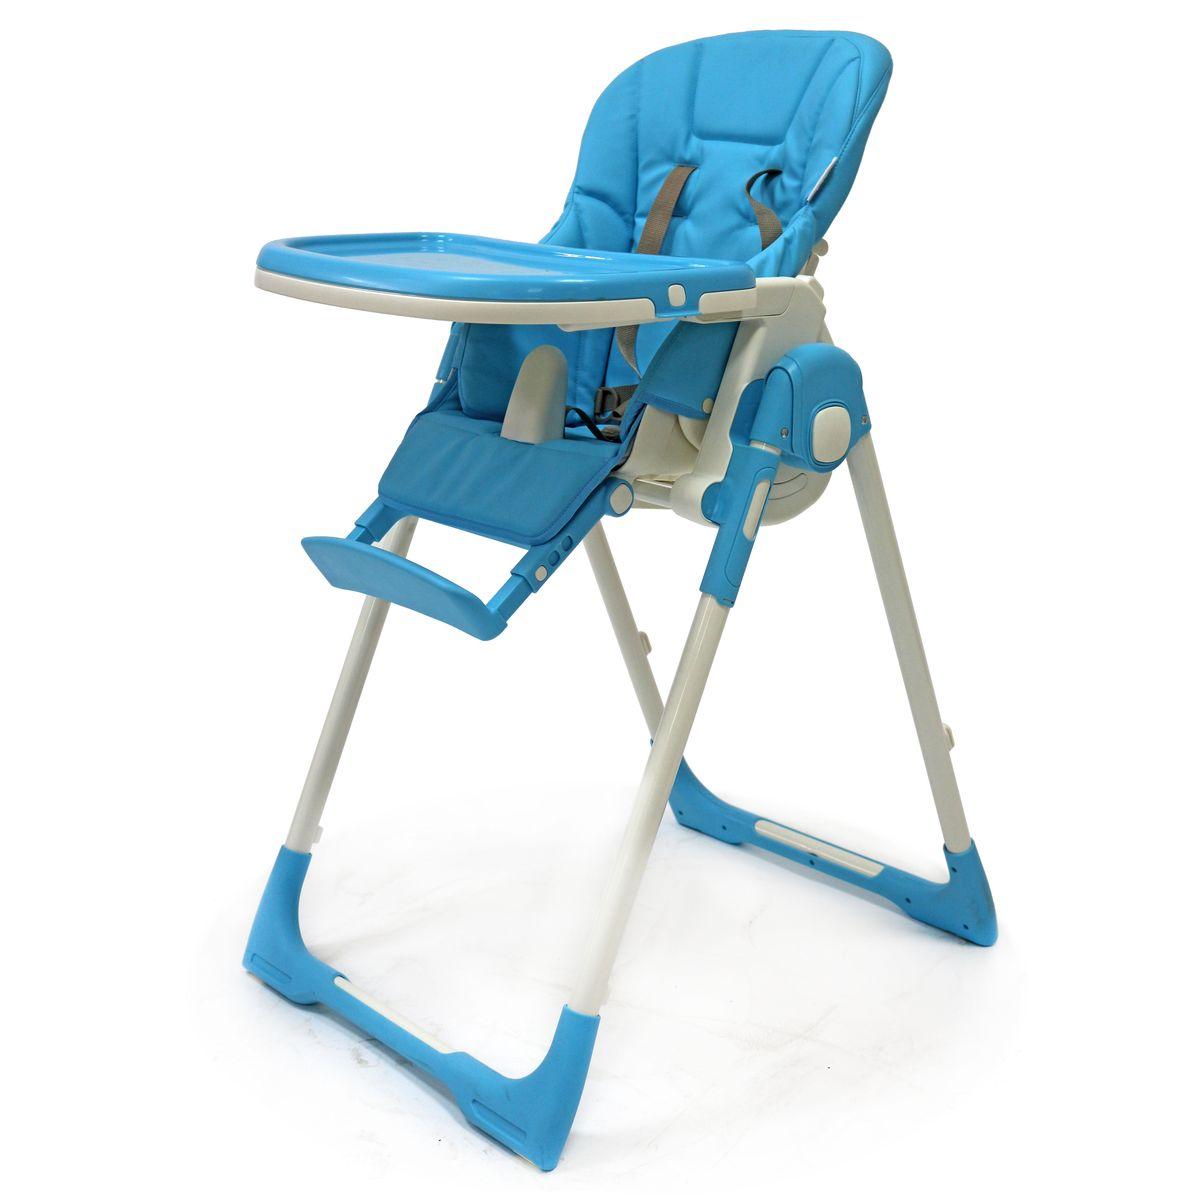 Rant Стульчик для кормления Crystal ЭкоКожа цвет голубой4630008877456Стульчик для кормления CRYSTAL - удобный, многофункциональный и практичный стульчик, предназначенный для детей с 0 и до 3-х лет. Он легко трансформируется в шезлонг, поэтому его можно использовать с рождения, а в возрасте 6 месяцев малыш сможет кушать сидя в этом стульчике. Спинка сидения имеет несколько уровней наклона. От положения «лежа» до положения «сидя». Если малыш устал и задремал во время кормления, можно легко, не разбудив его, опустить спинку сидения в положение лежа. Сиденье стульчика регулируется по высоте, обеспечивая быстрорастущему малышу удобство и комфорт. Когда ваш малыш подрастет, он будет счастлив сидеть на этом стульчике за одним столом вместе со взрослыми. Для этого вам всего лишь надо будет снять столешницу. Стульчик можно использовать как для кормления, так и для веселых игр, если расположить на подносе любимые игрушки ребенка. Съемный чехол сиденья изготовлен из высококачественной и долговечной экокожи. Легко моется, не деформируется и не выгорает от...